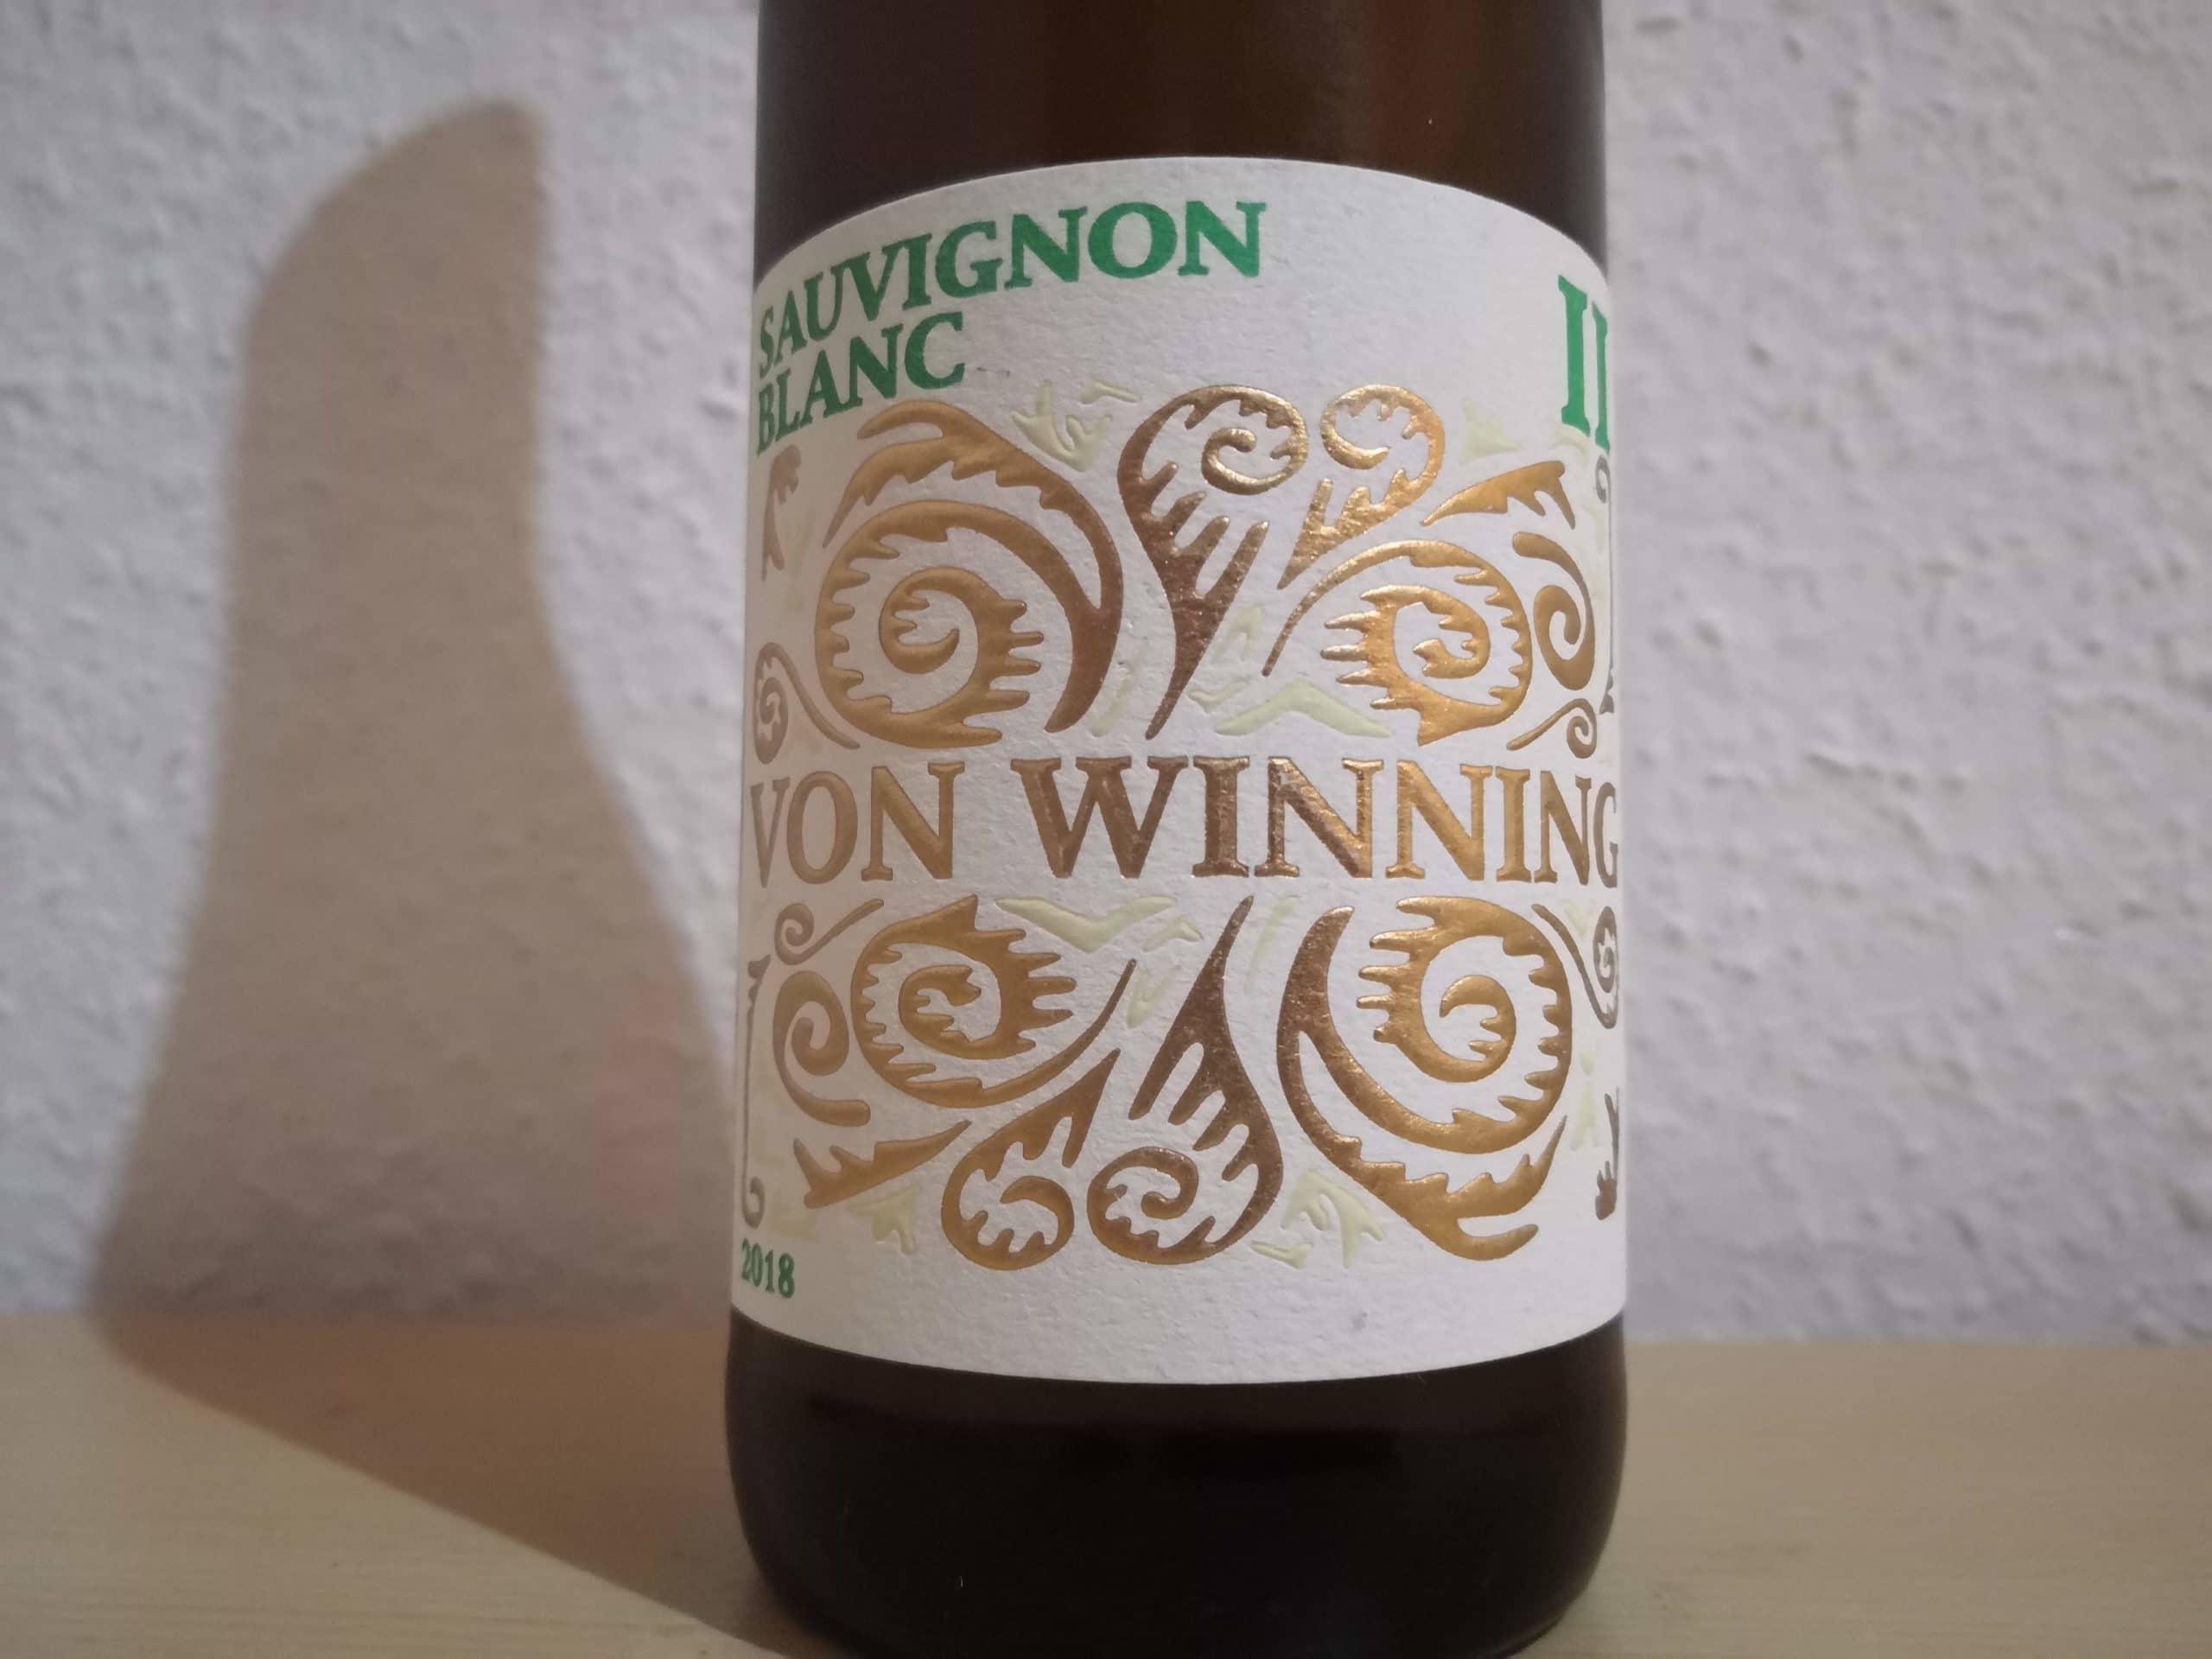 2018er Sauvignon Blanc II trocken – Weingut von Winning